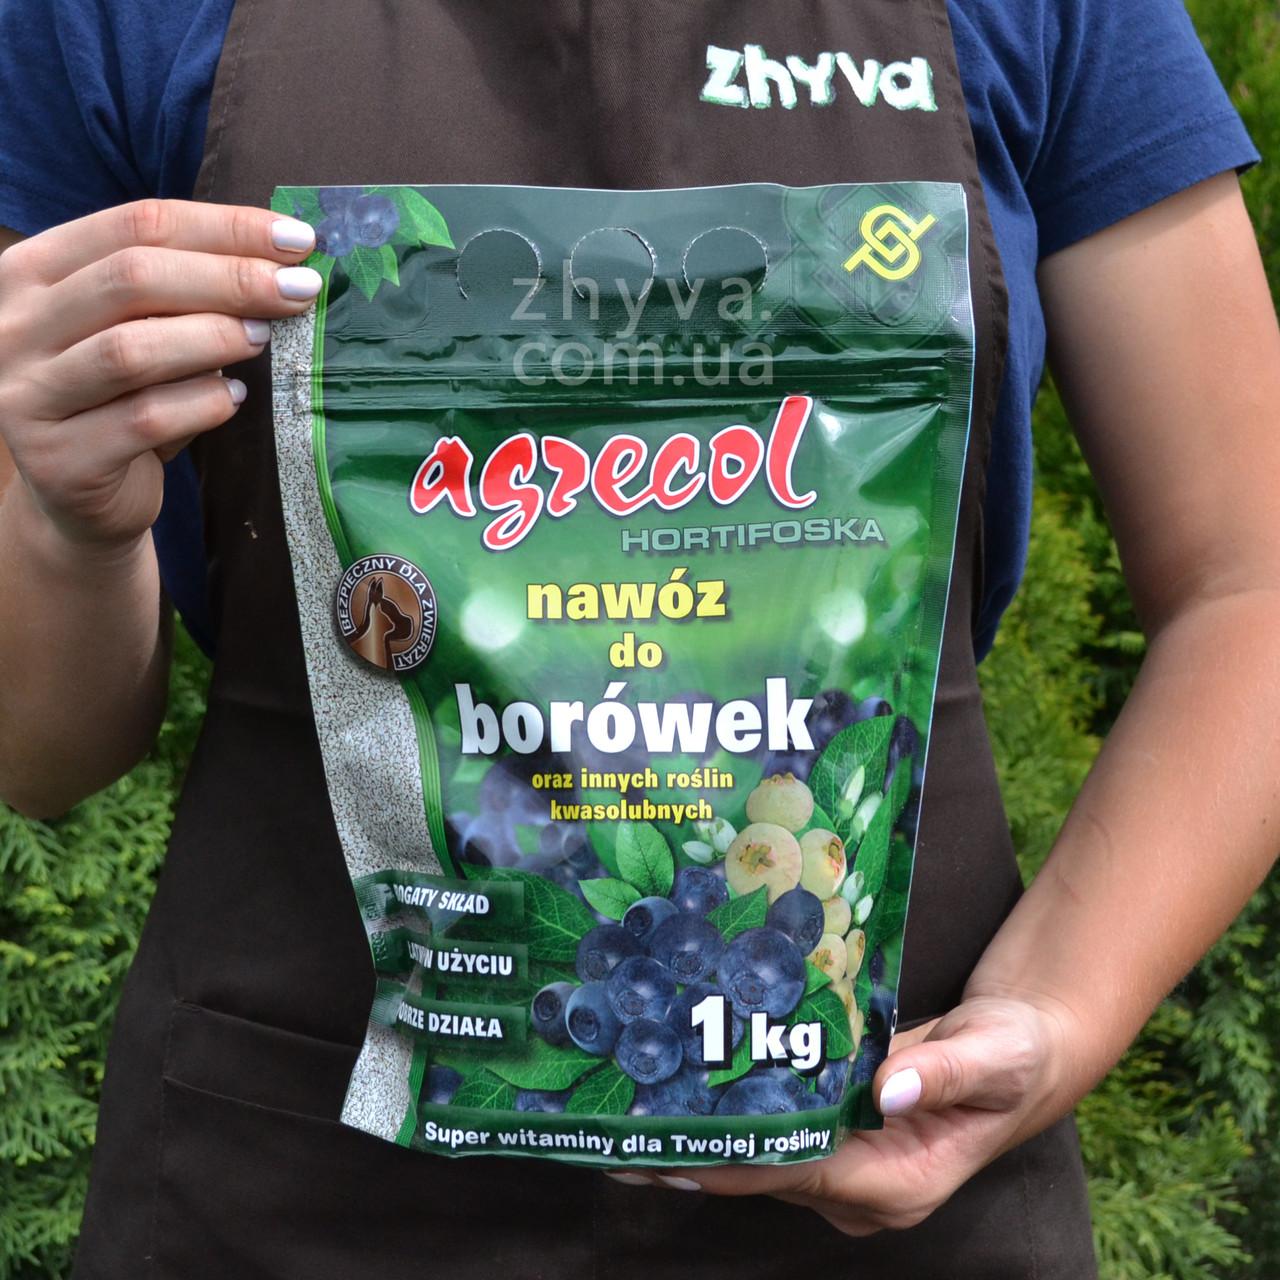 Добриво Agrecol для чорниці, лохини Hortifoska 1кг